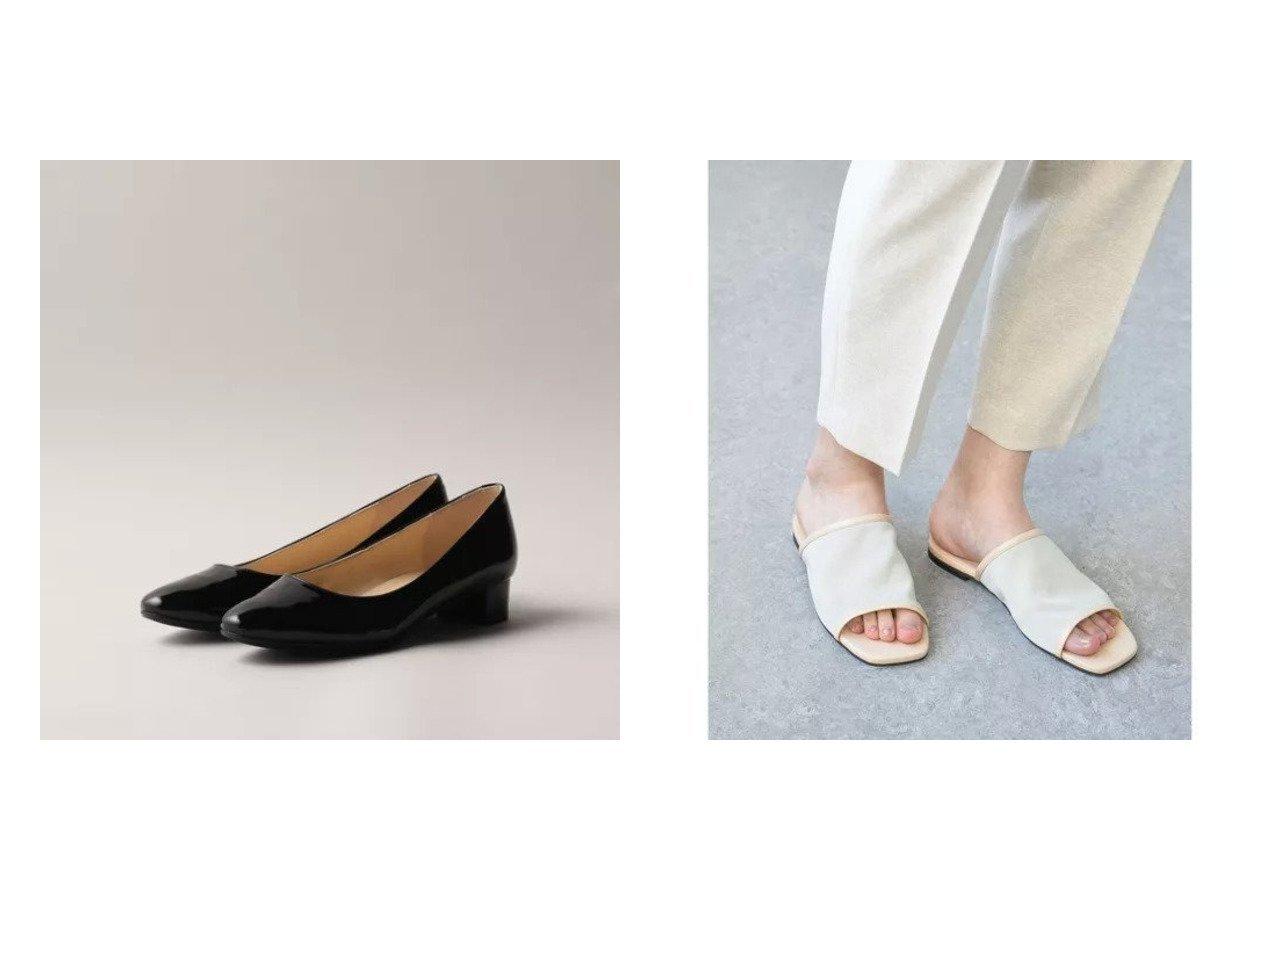 【GALLARDAGALANTE/ガリャルダガランテ】のチュールフラットサンダル&【Odette e Odile/オデット エ オディール】の【晴雨兼用】OFD R ラウンド パンプス30◎↓↑ 【シューズ・靴】おすすめ!人気、トレンド・レディースファッションの通販 おすすめで人気の流行・トレンド、ファッションの通販商品 インテリア・家具・メンズファッション・キッズファッション・レディースファッション・服の通販 founy(ファニー) https://founy.com/ ファッション Fashion レディースファッション WOMEN クッション サンダル シューズ ストレッチ チュール フィット フラット 夏 Summer 抗菌 シンプル ラウンド おすすめ Recommend  ID:crp329100000052543